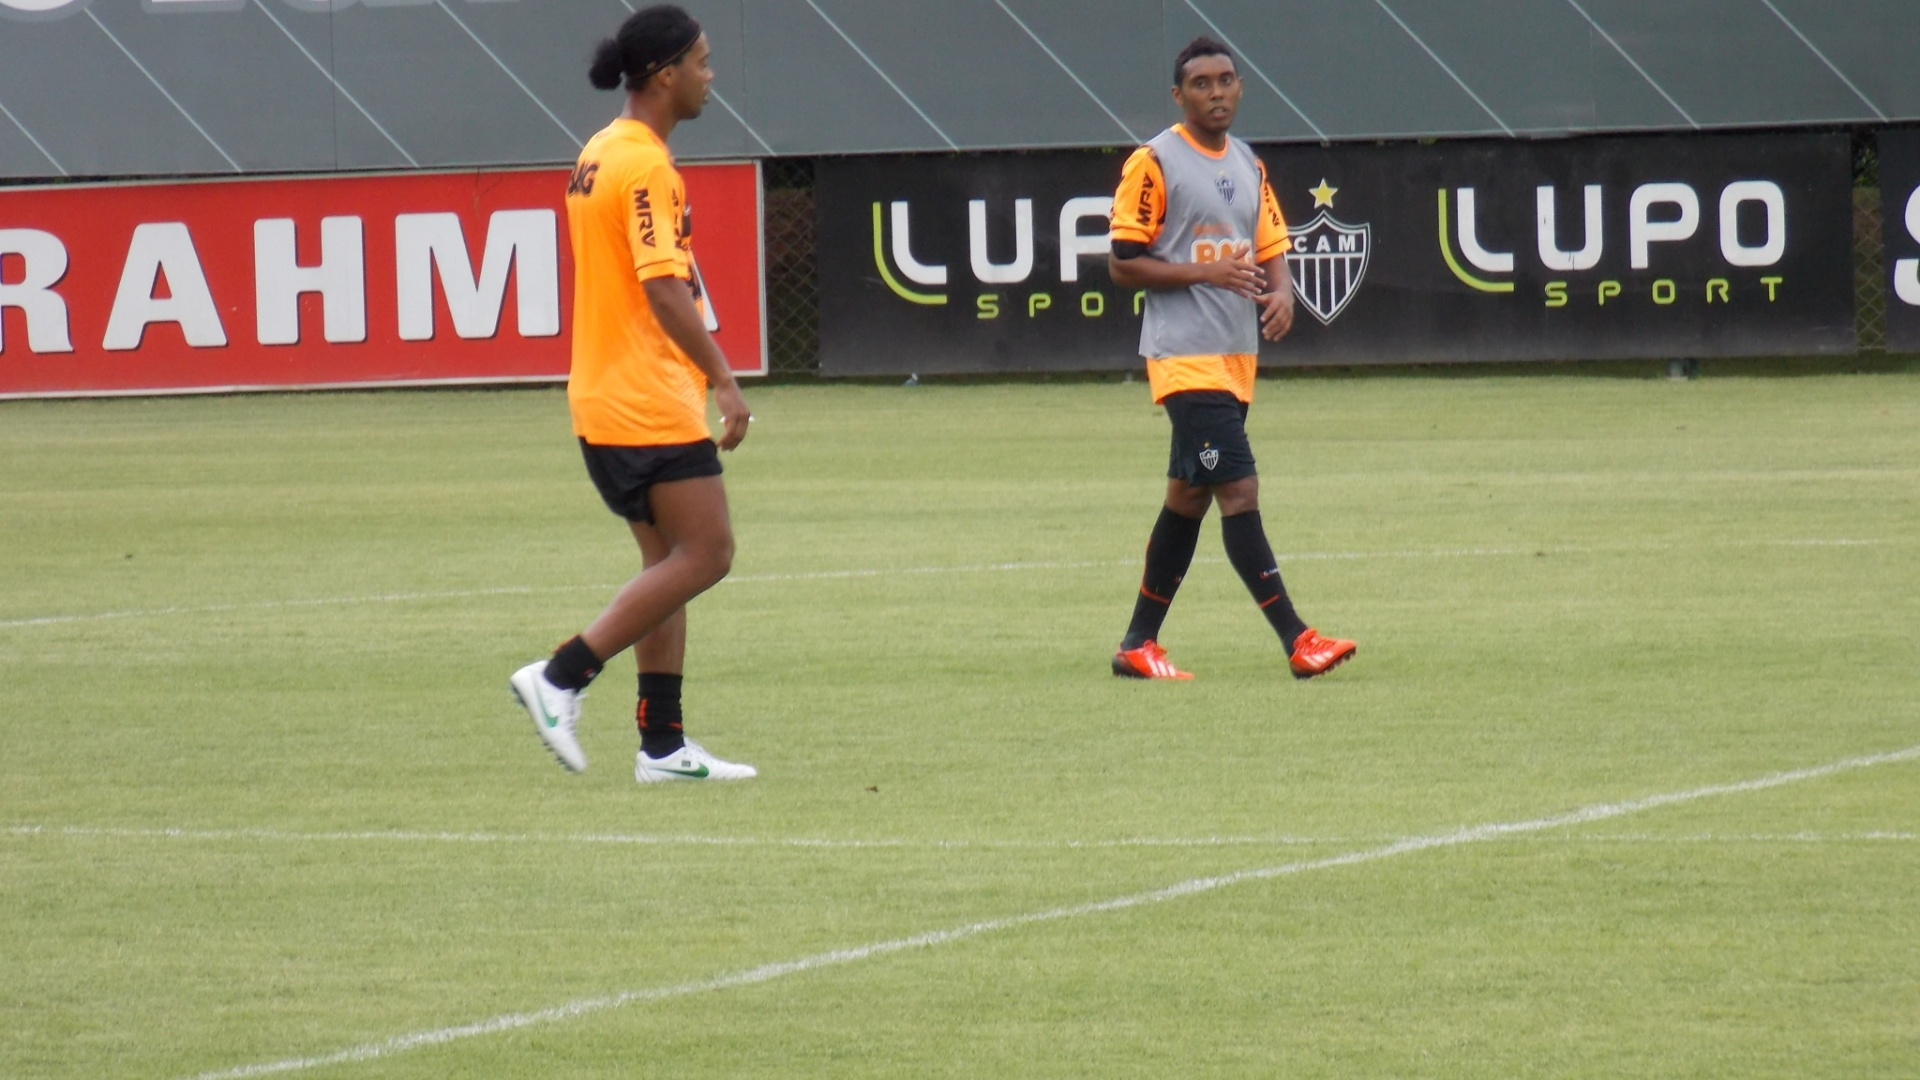 21 jan 2014 - Ronaldinho e o volante Claudinei, que fez seu primeiro treino, antes mesmo de ser oficialmente apresentado pelo Atlético-MG